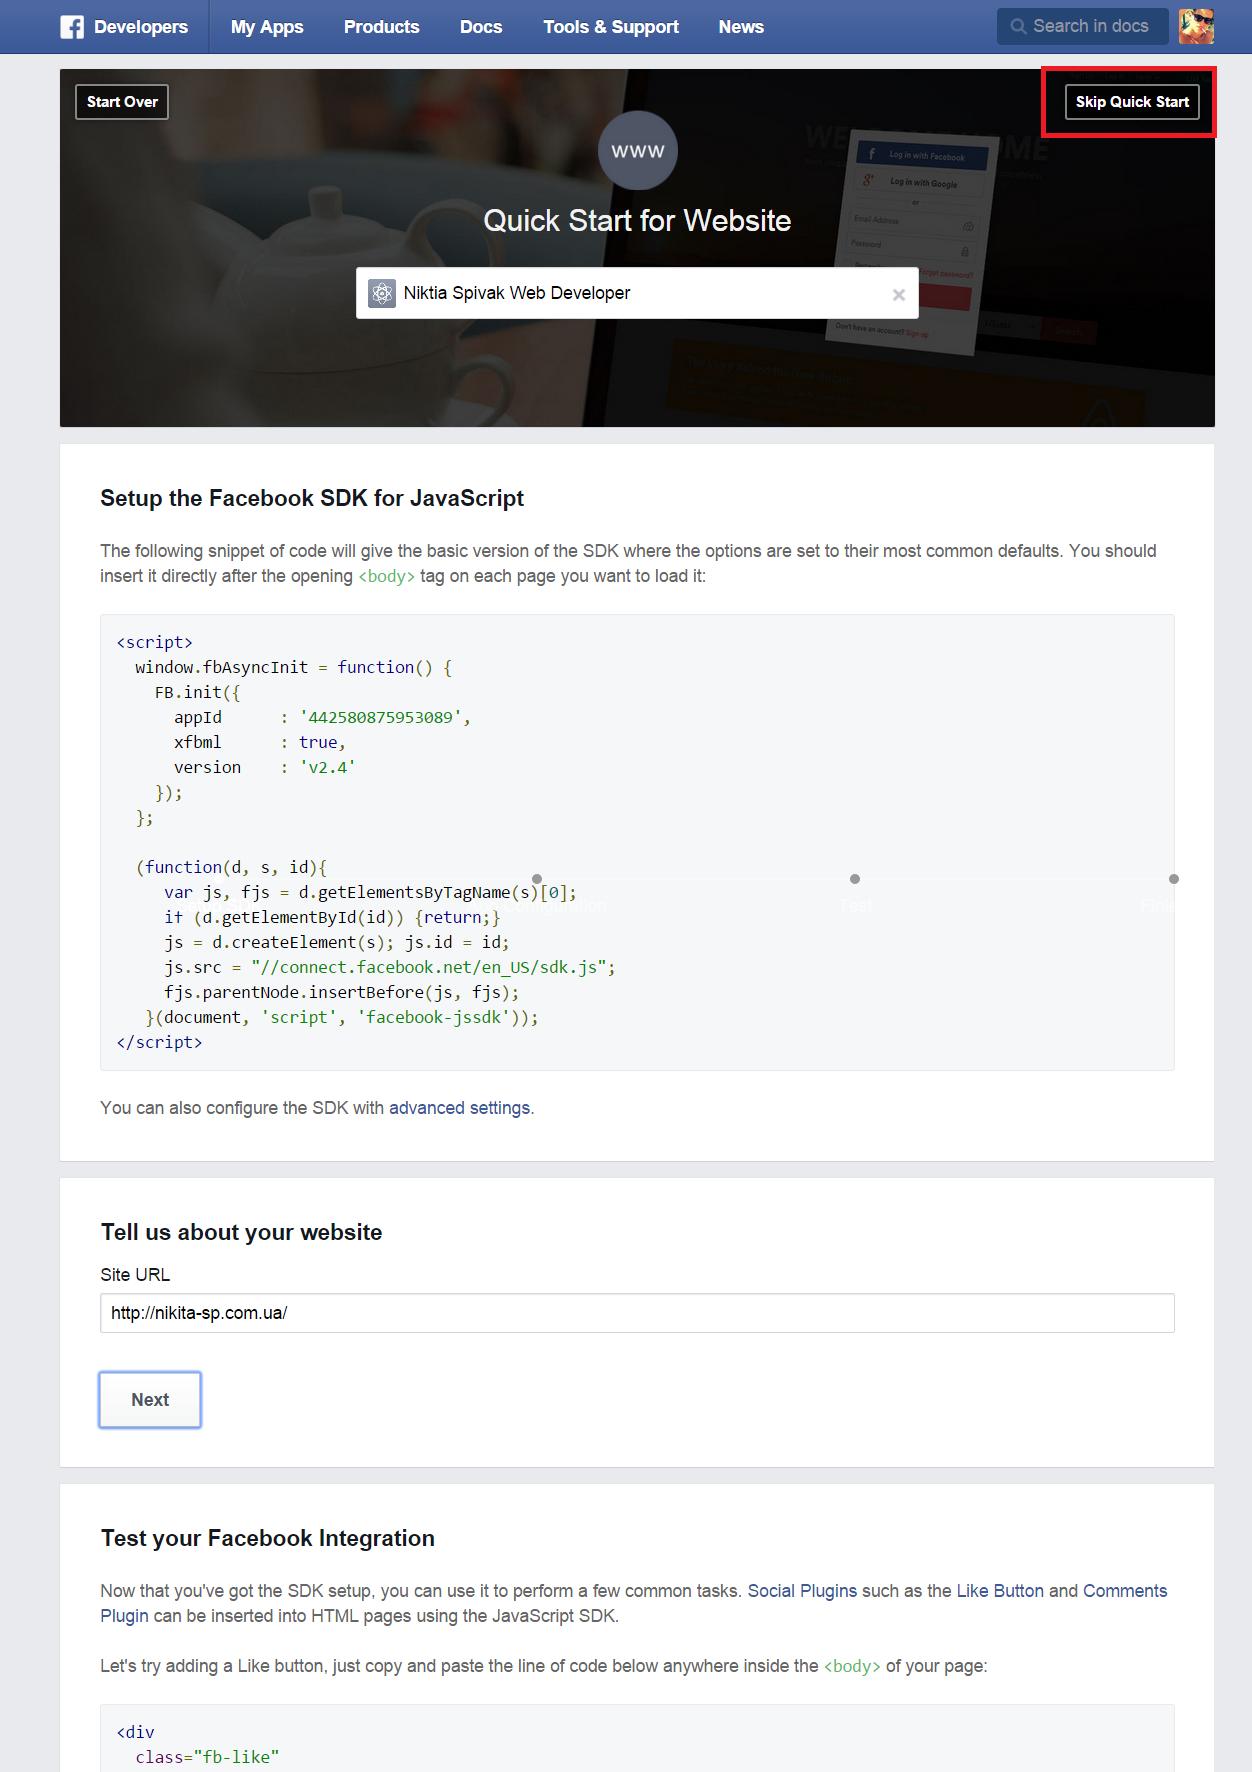 Создание приложений для авторизации через социальные сети - Facebook 5